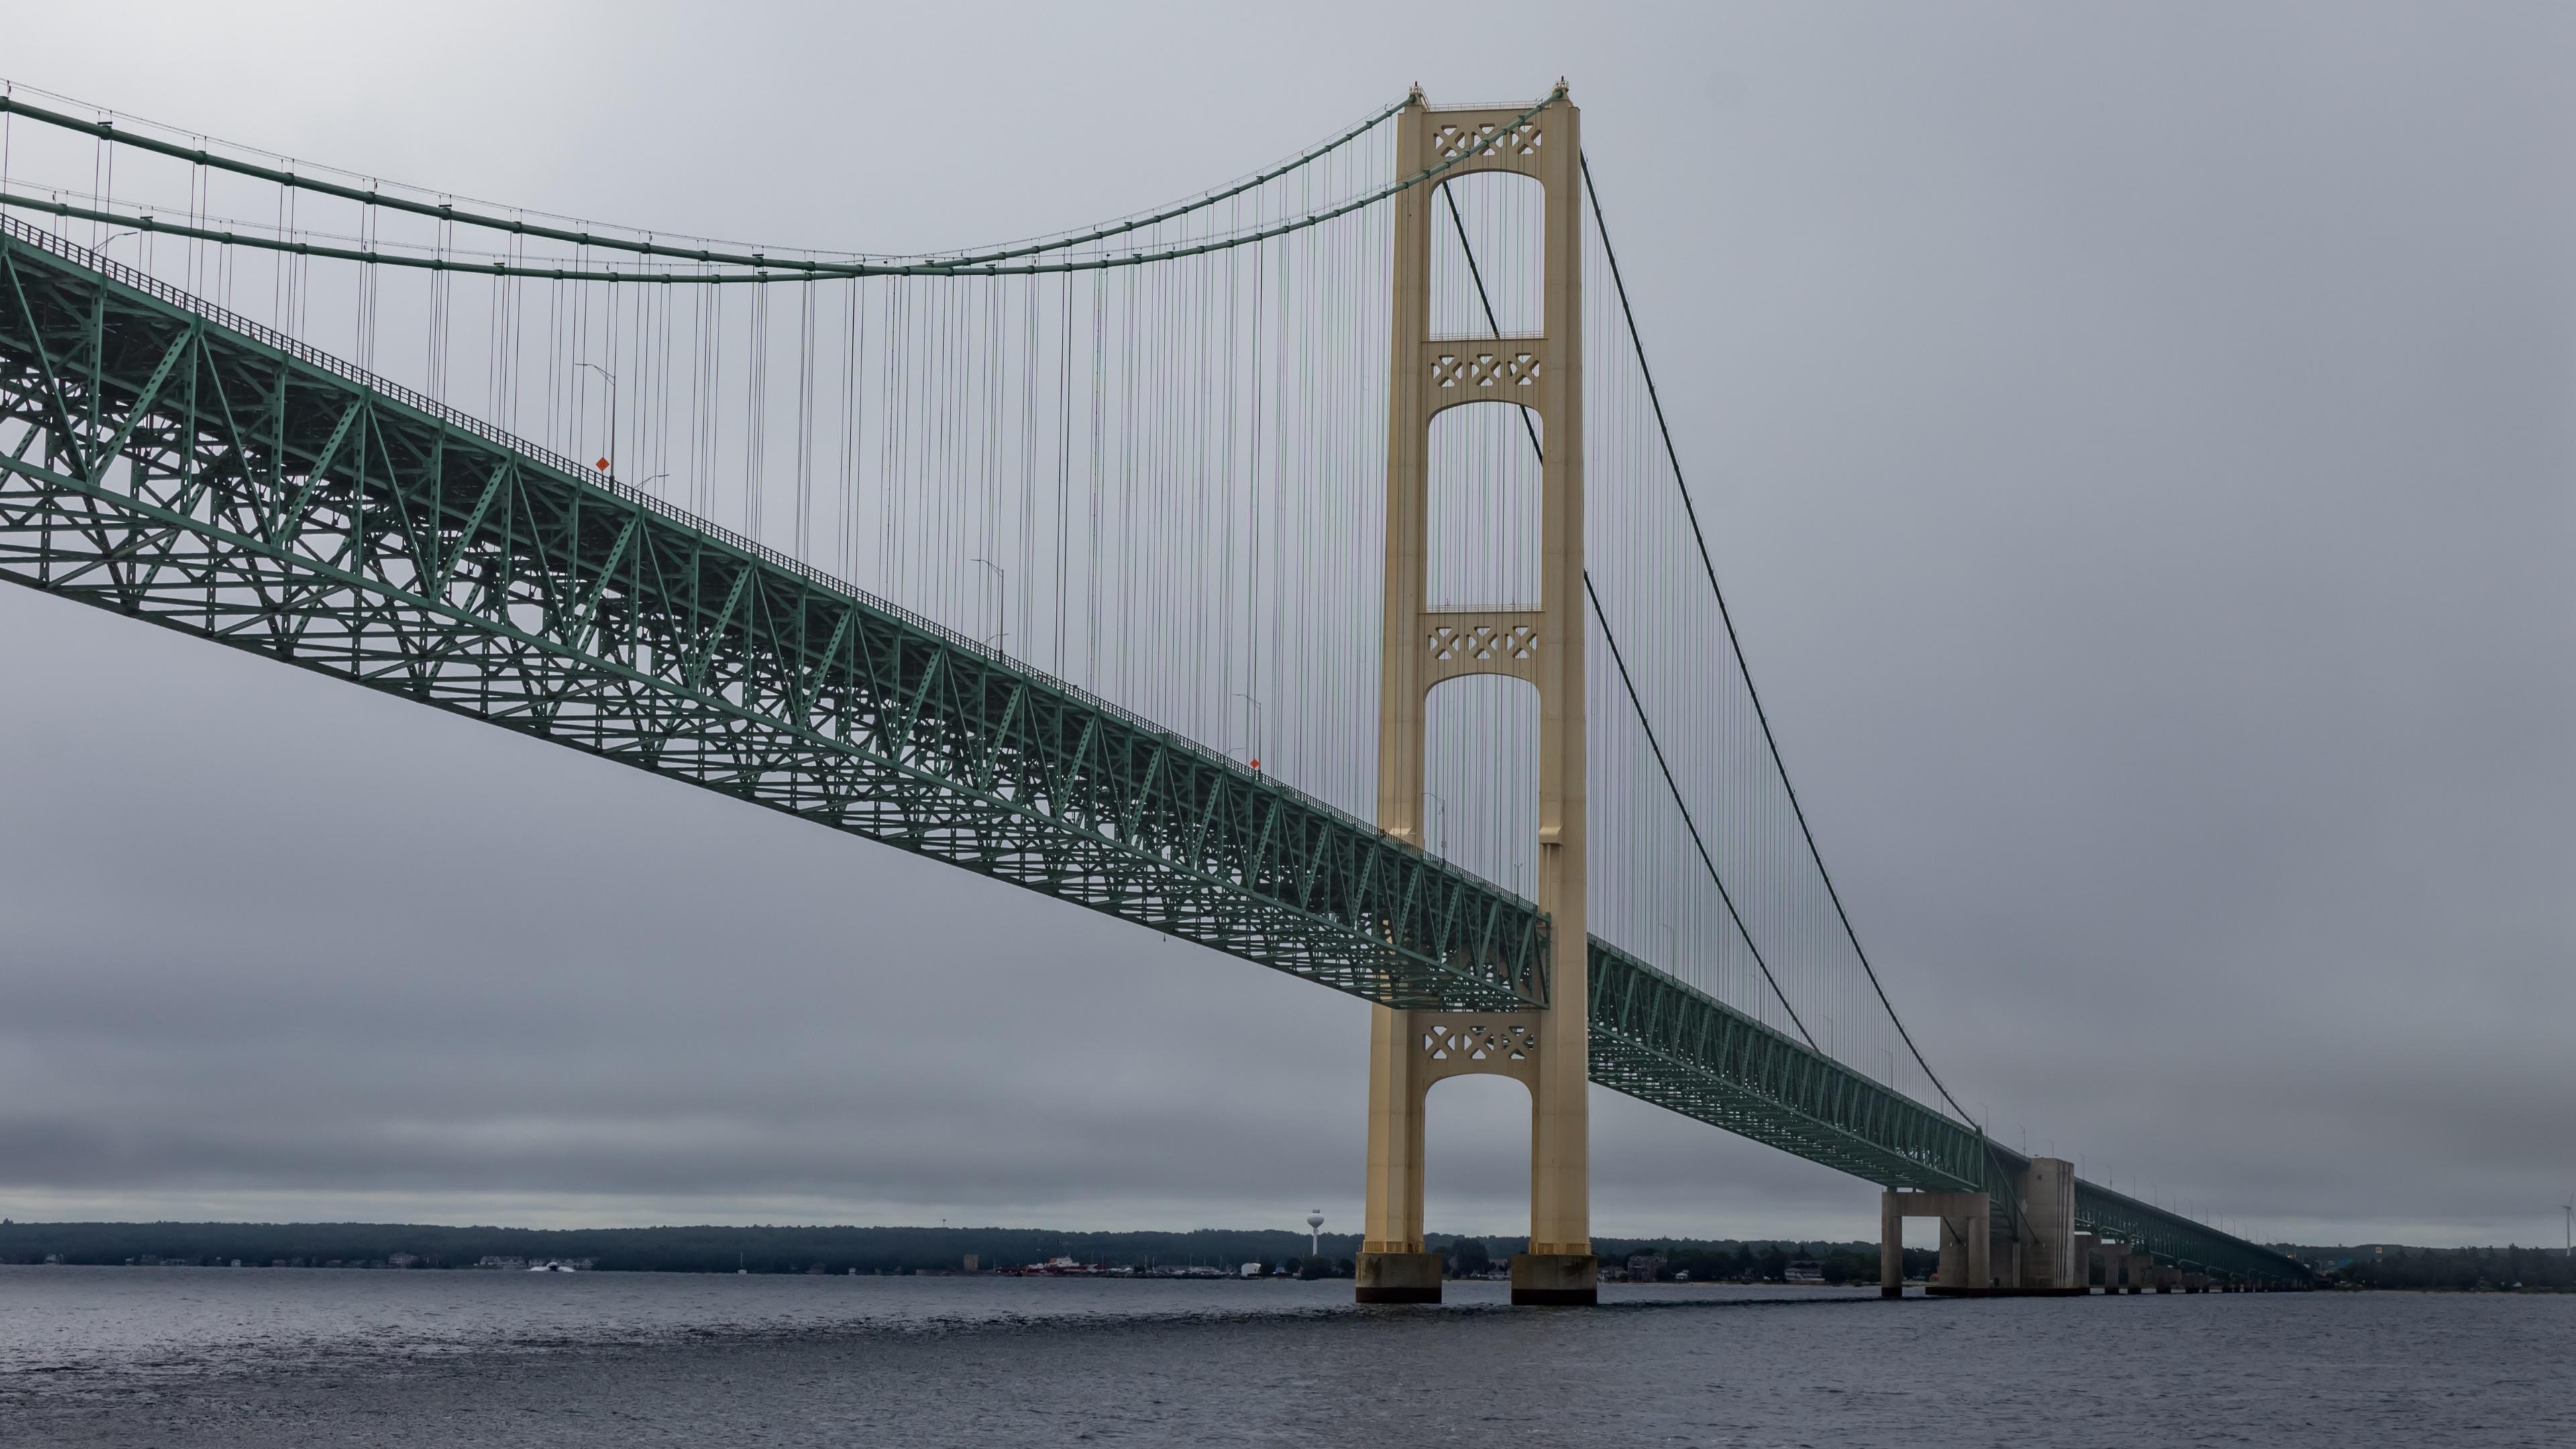 Mackinac Bridge Mackinaw City Michigan 3840x2160